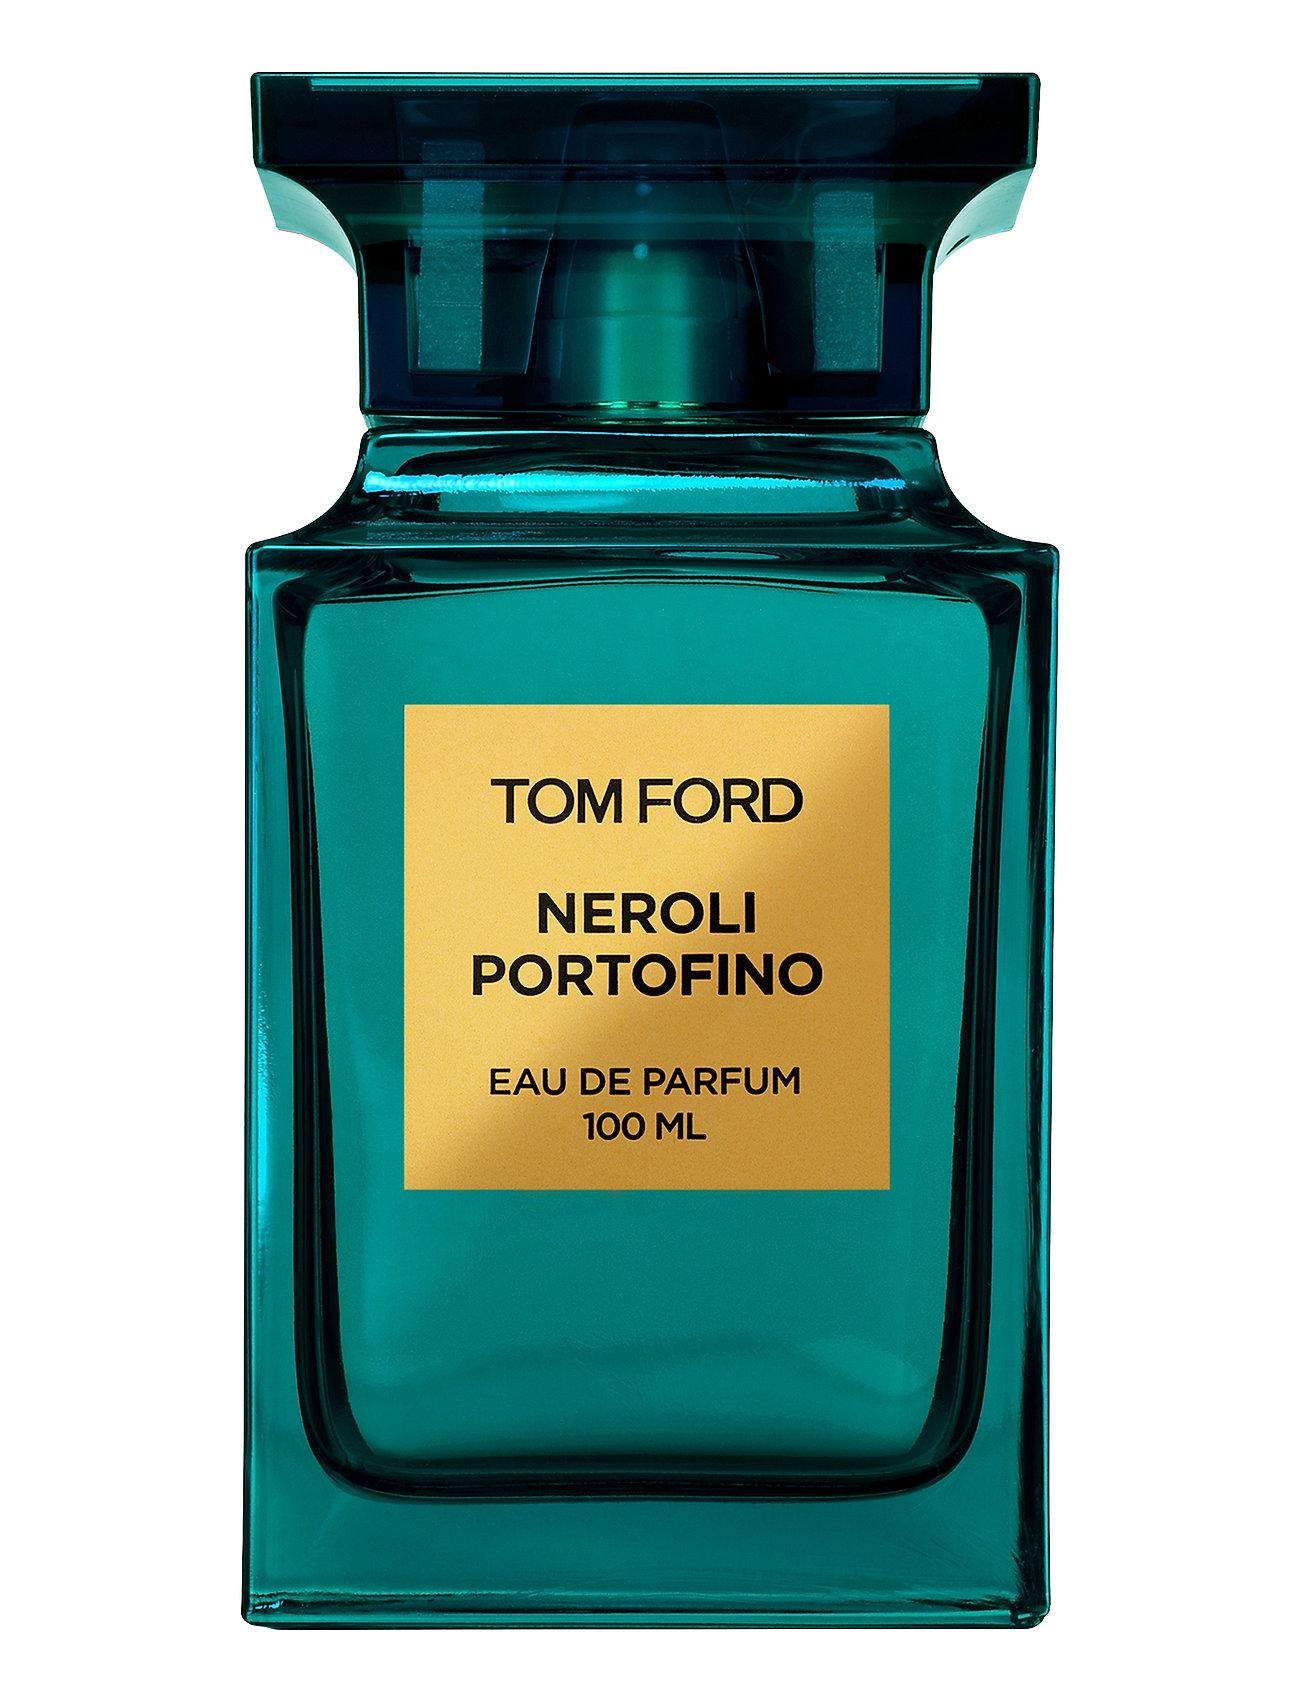 Neroli portofino eau de parfum fra tom ford fra boozt.com dk